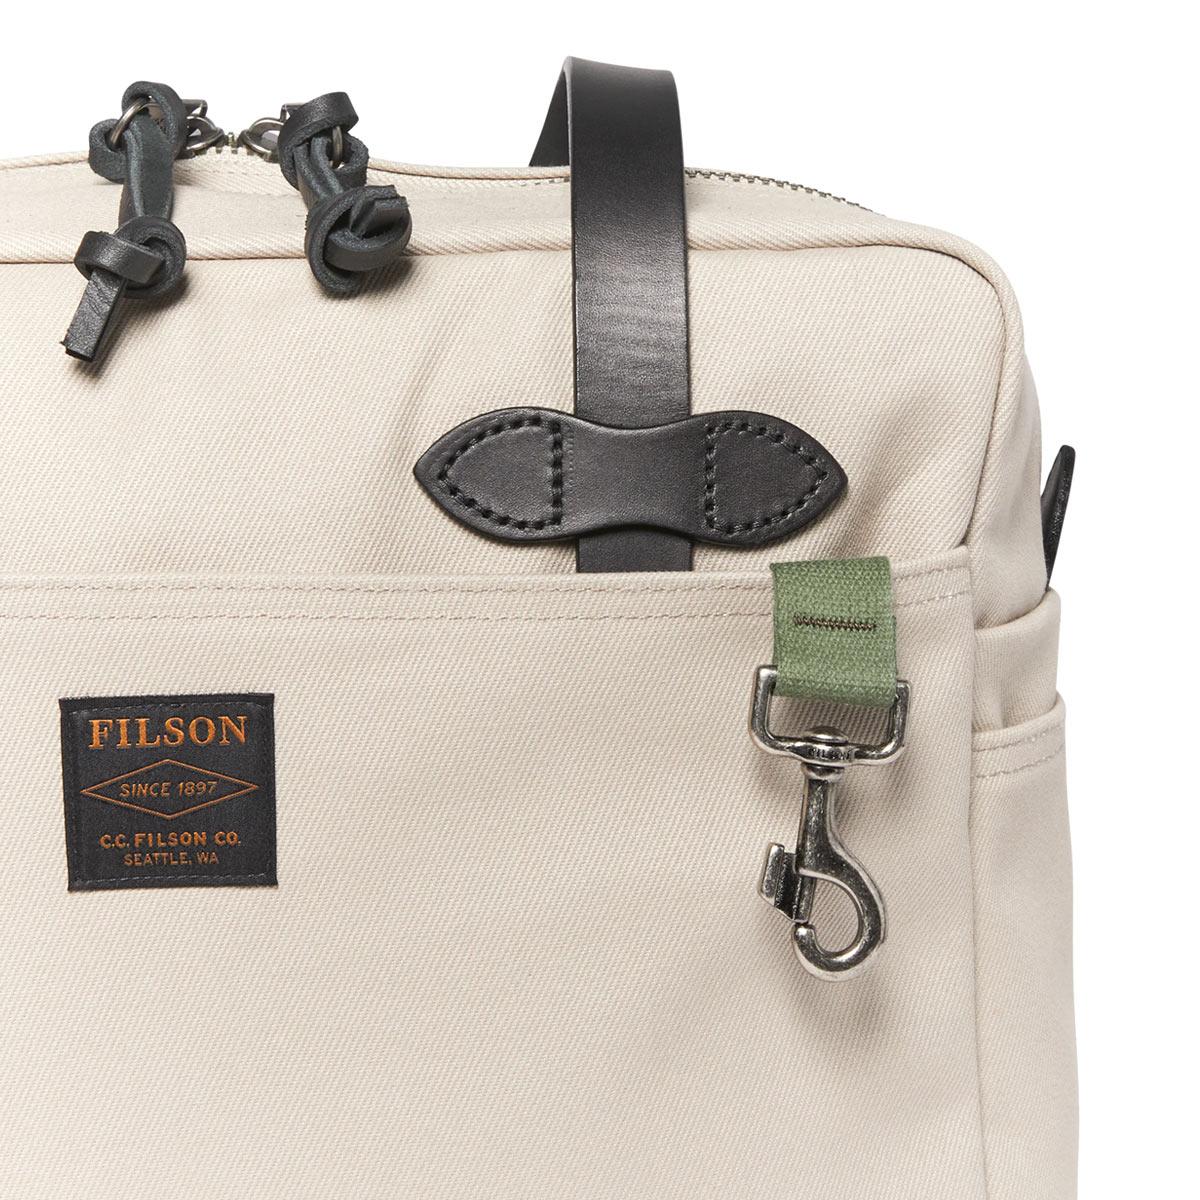 Filson Rugged Twill Tote Bag With Zipper 11070261-Twine, Tote Bag für Damen und Herren mit Stil und Liebe zur Qualität